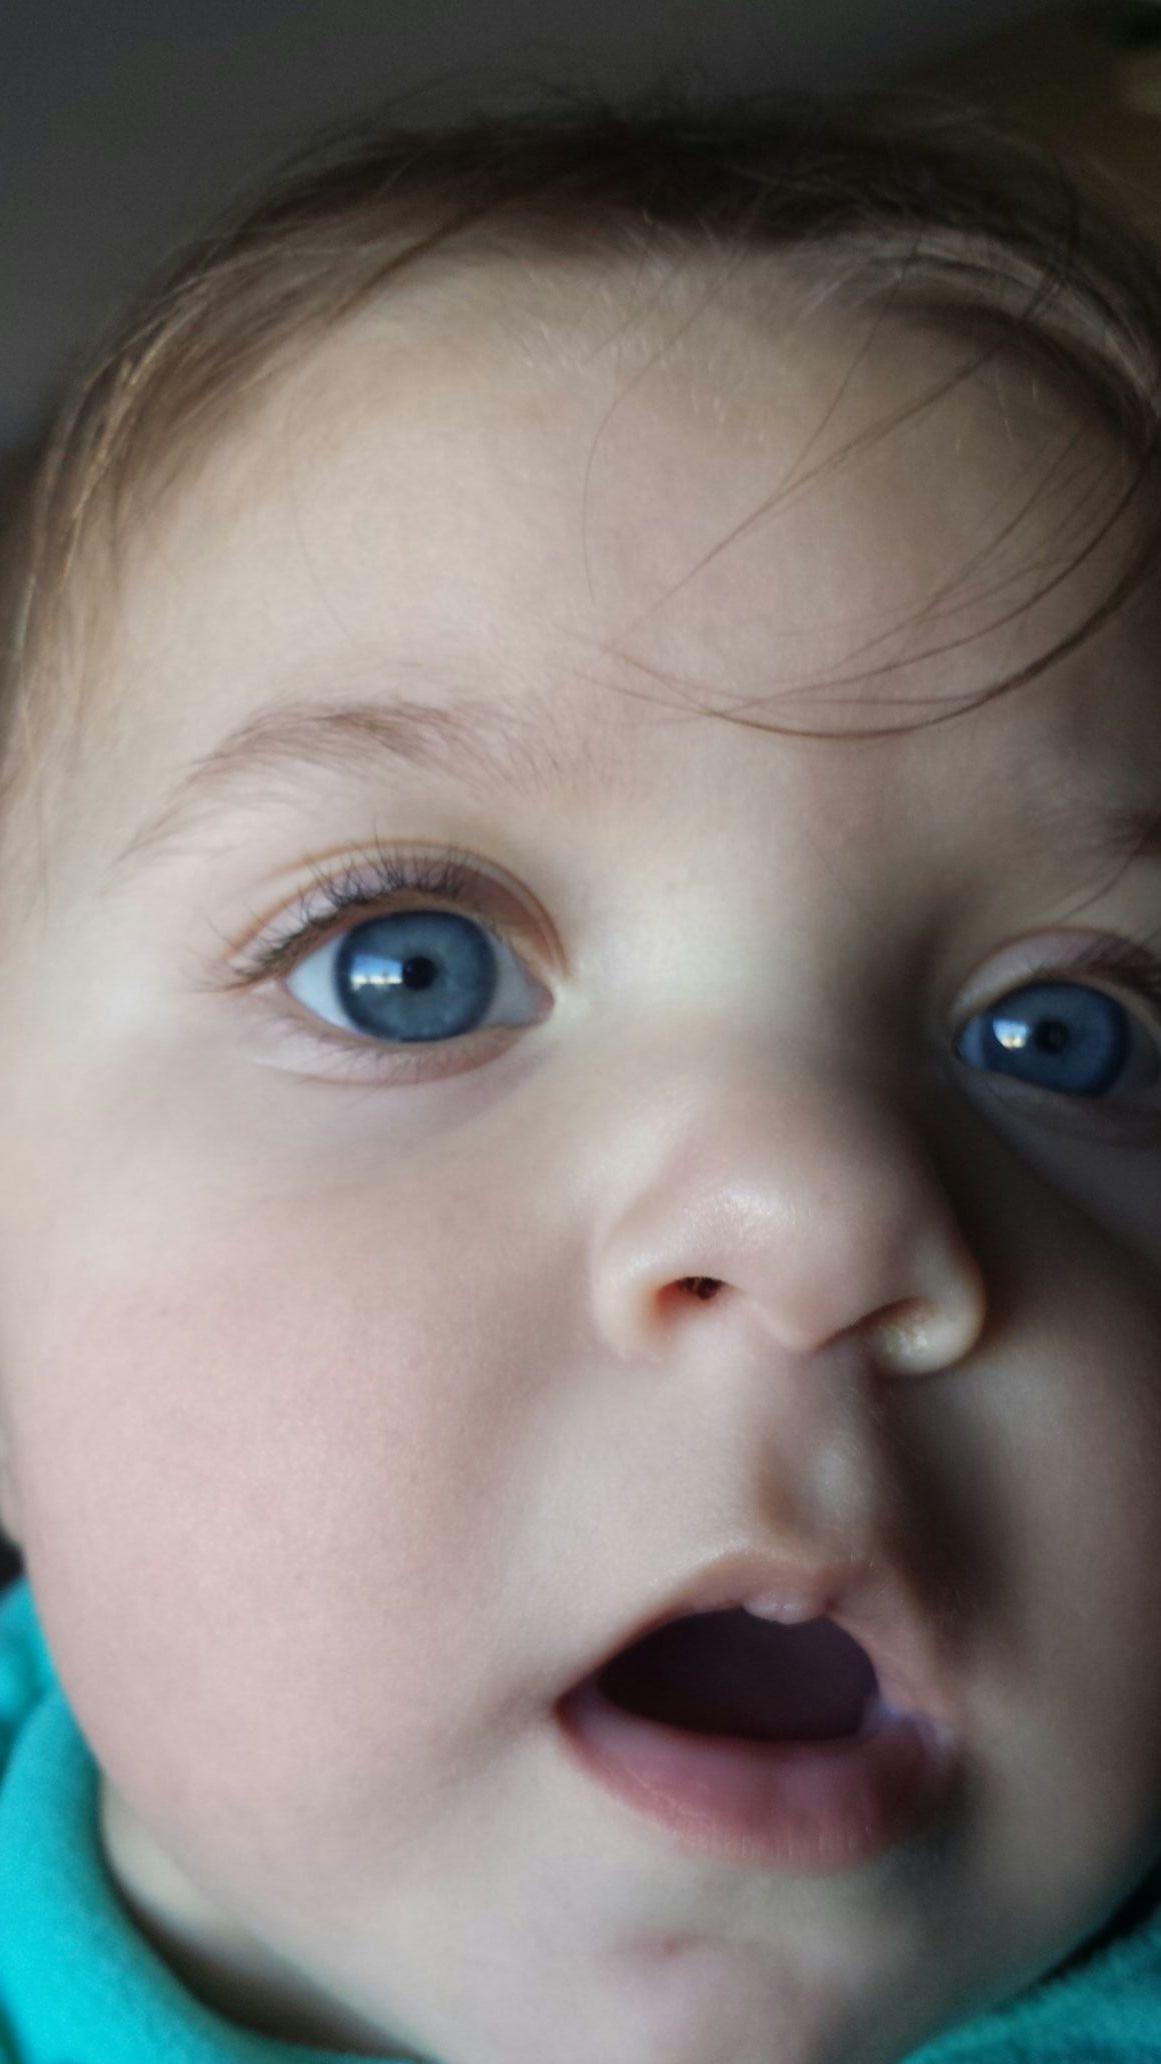 Ocean blue eyes